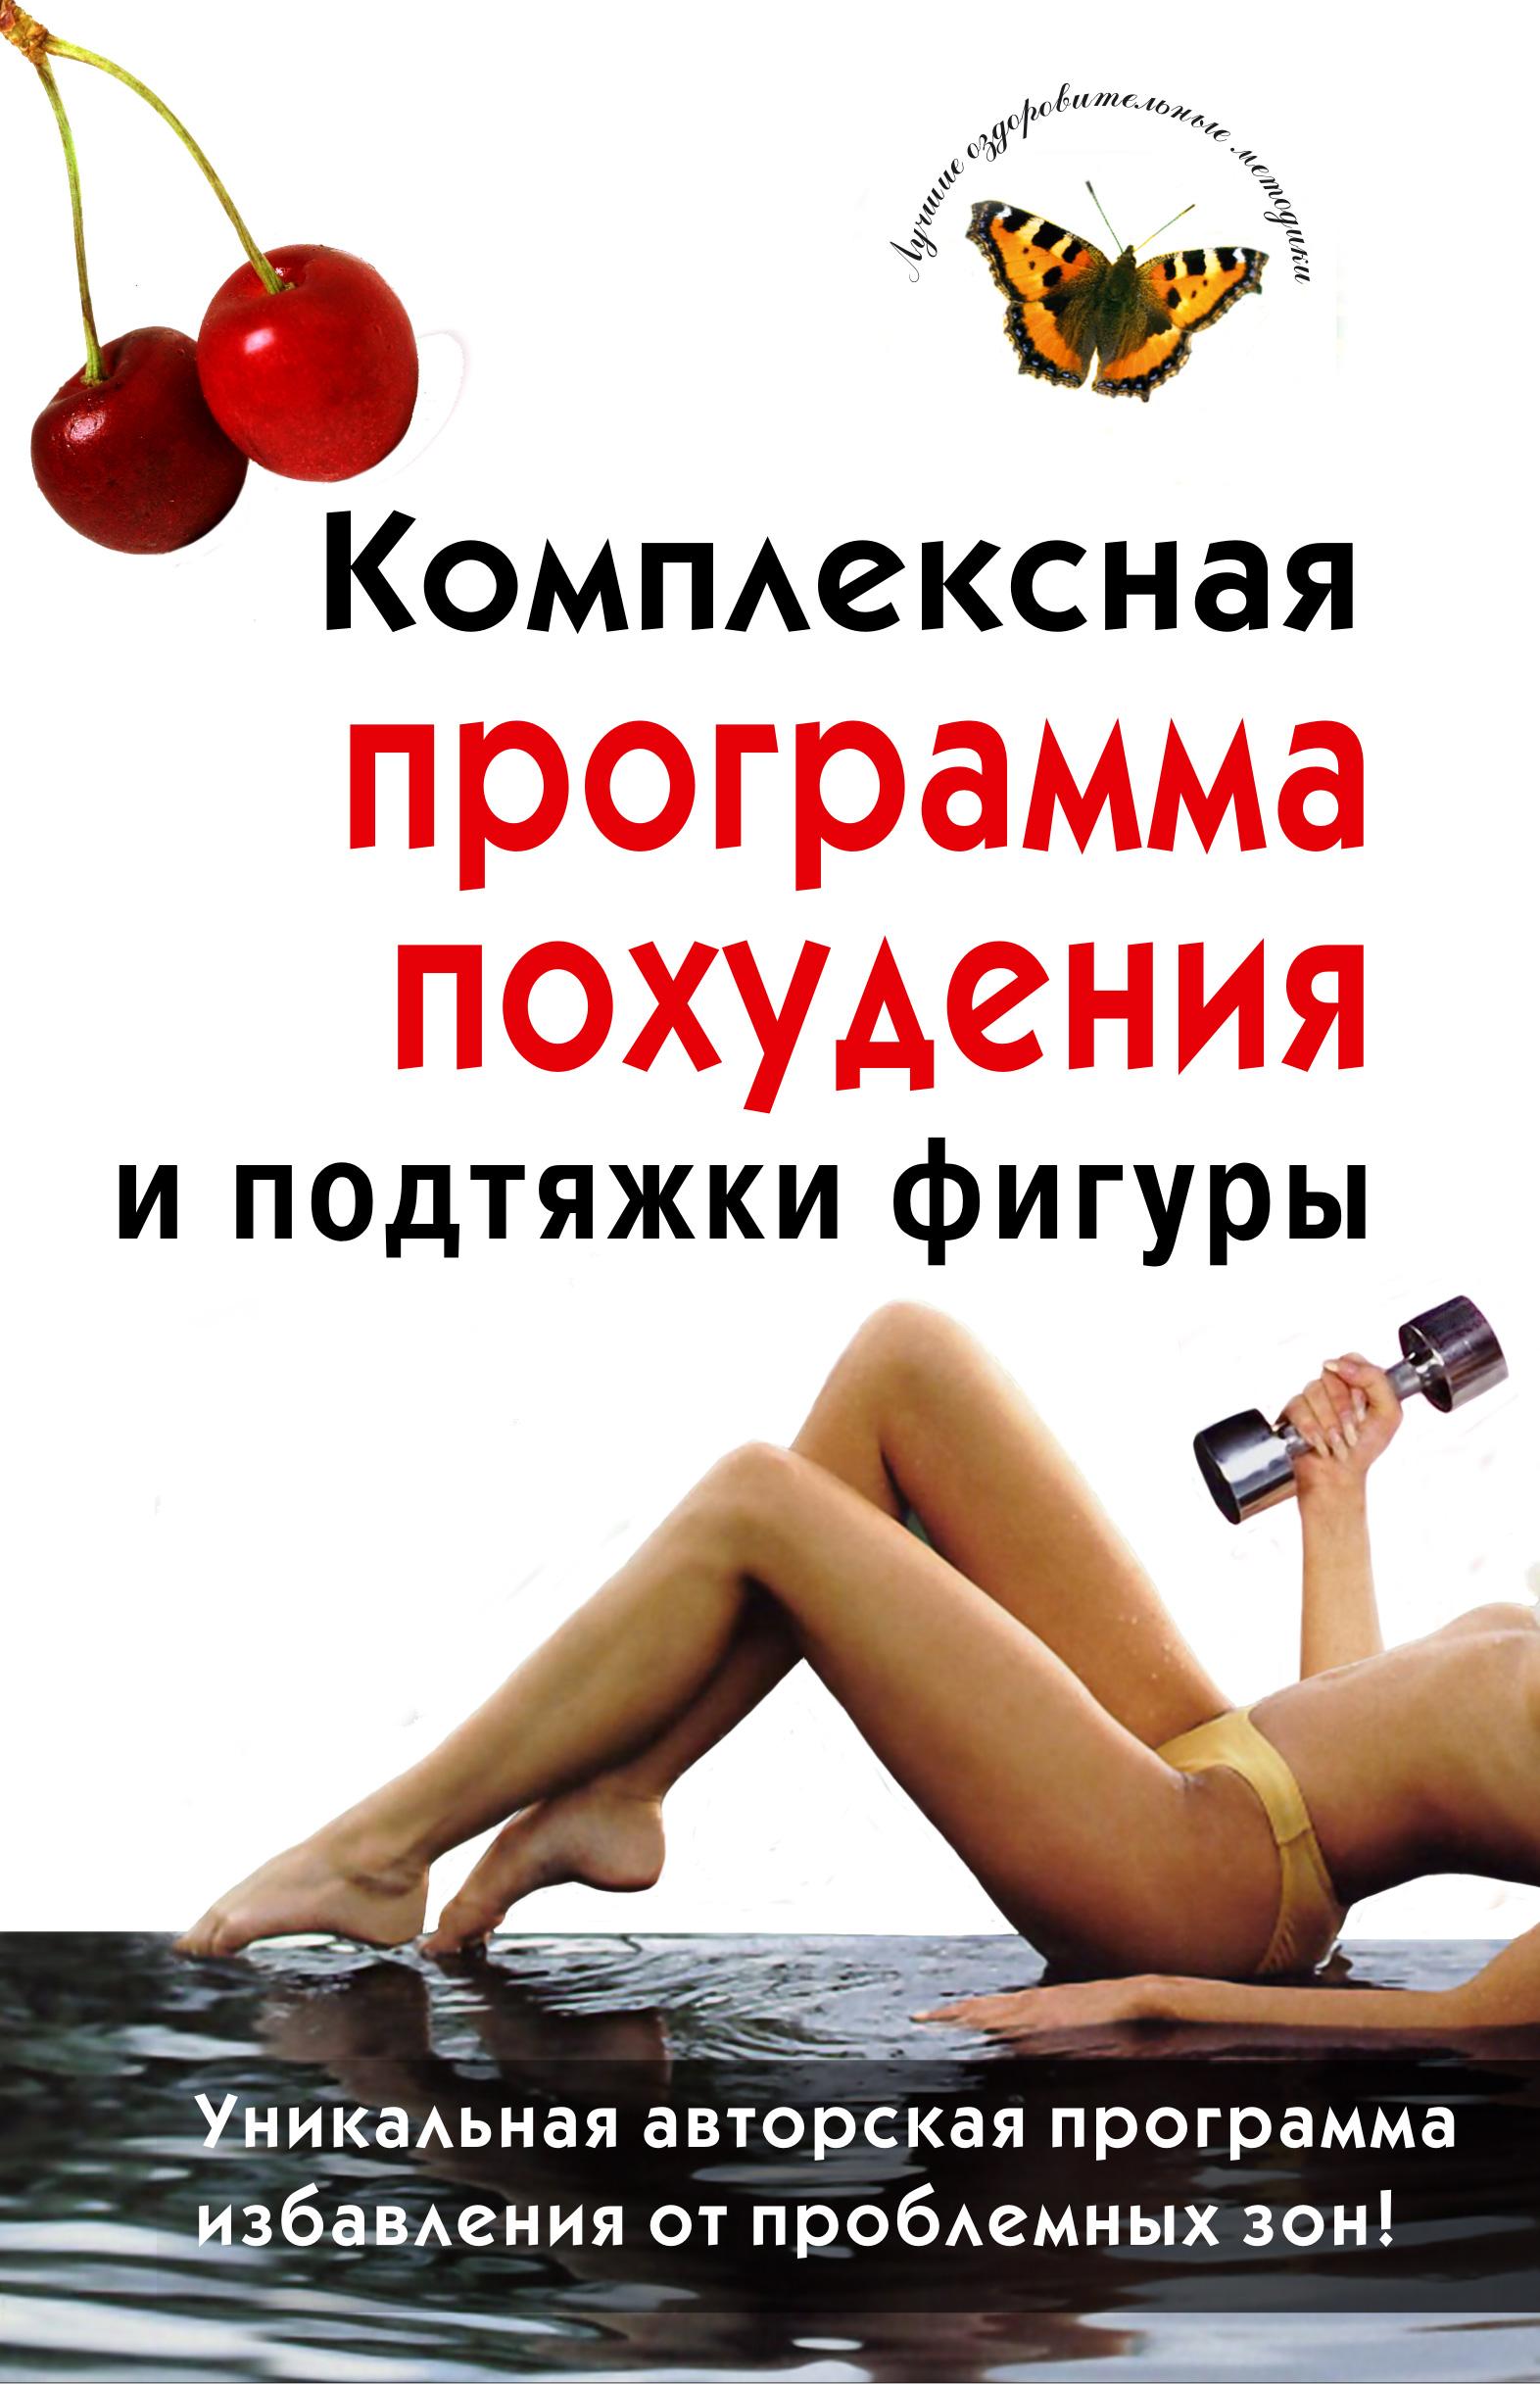 Книга Комплексная программа похудения и подтяжки фигуры